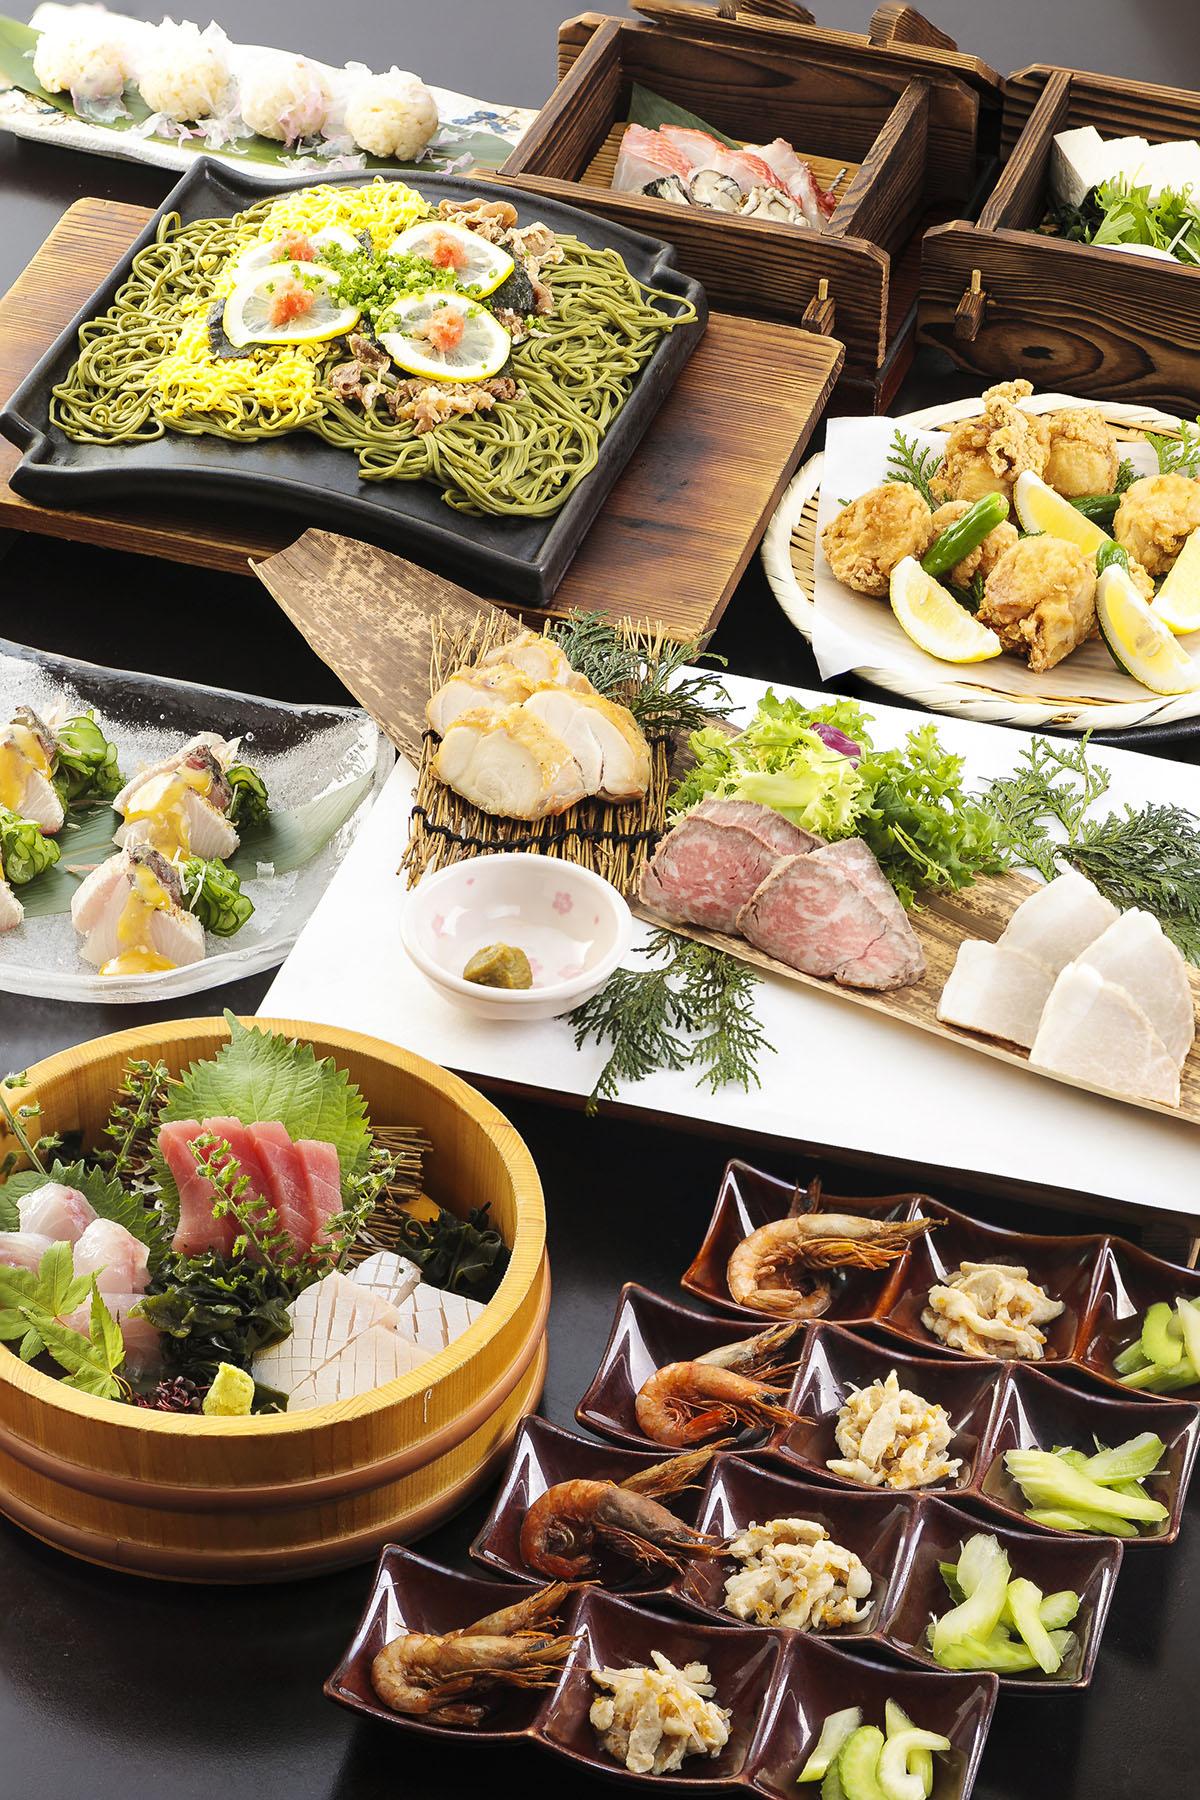 県産山海の幸と瓦そばの宴 2.5時間飲み放題付 全9品 6,000円(税込)